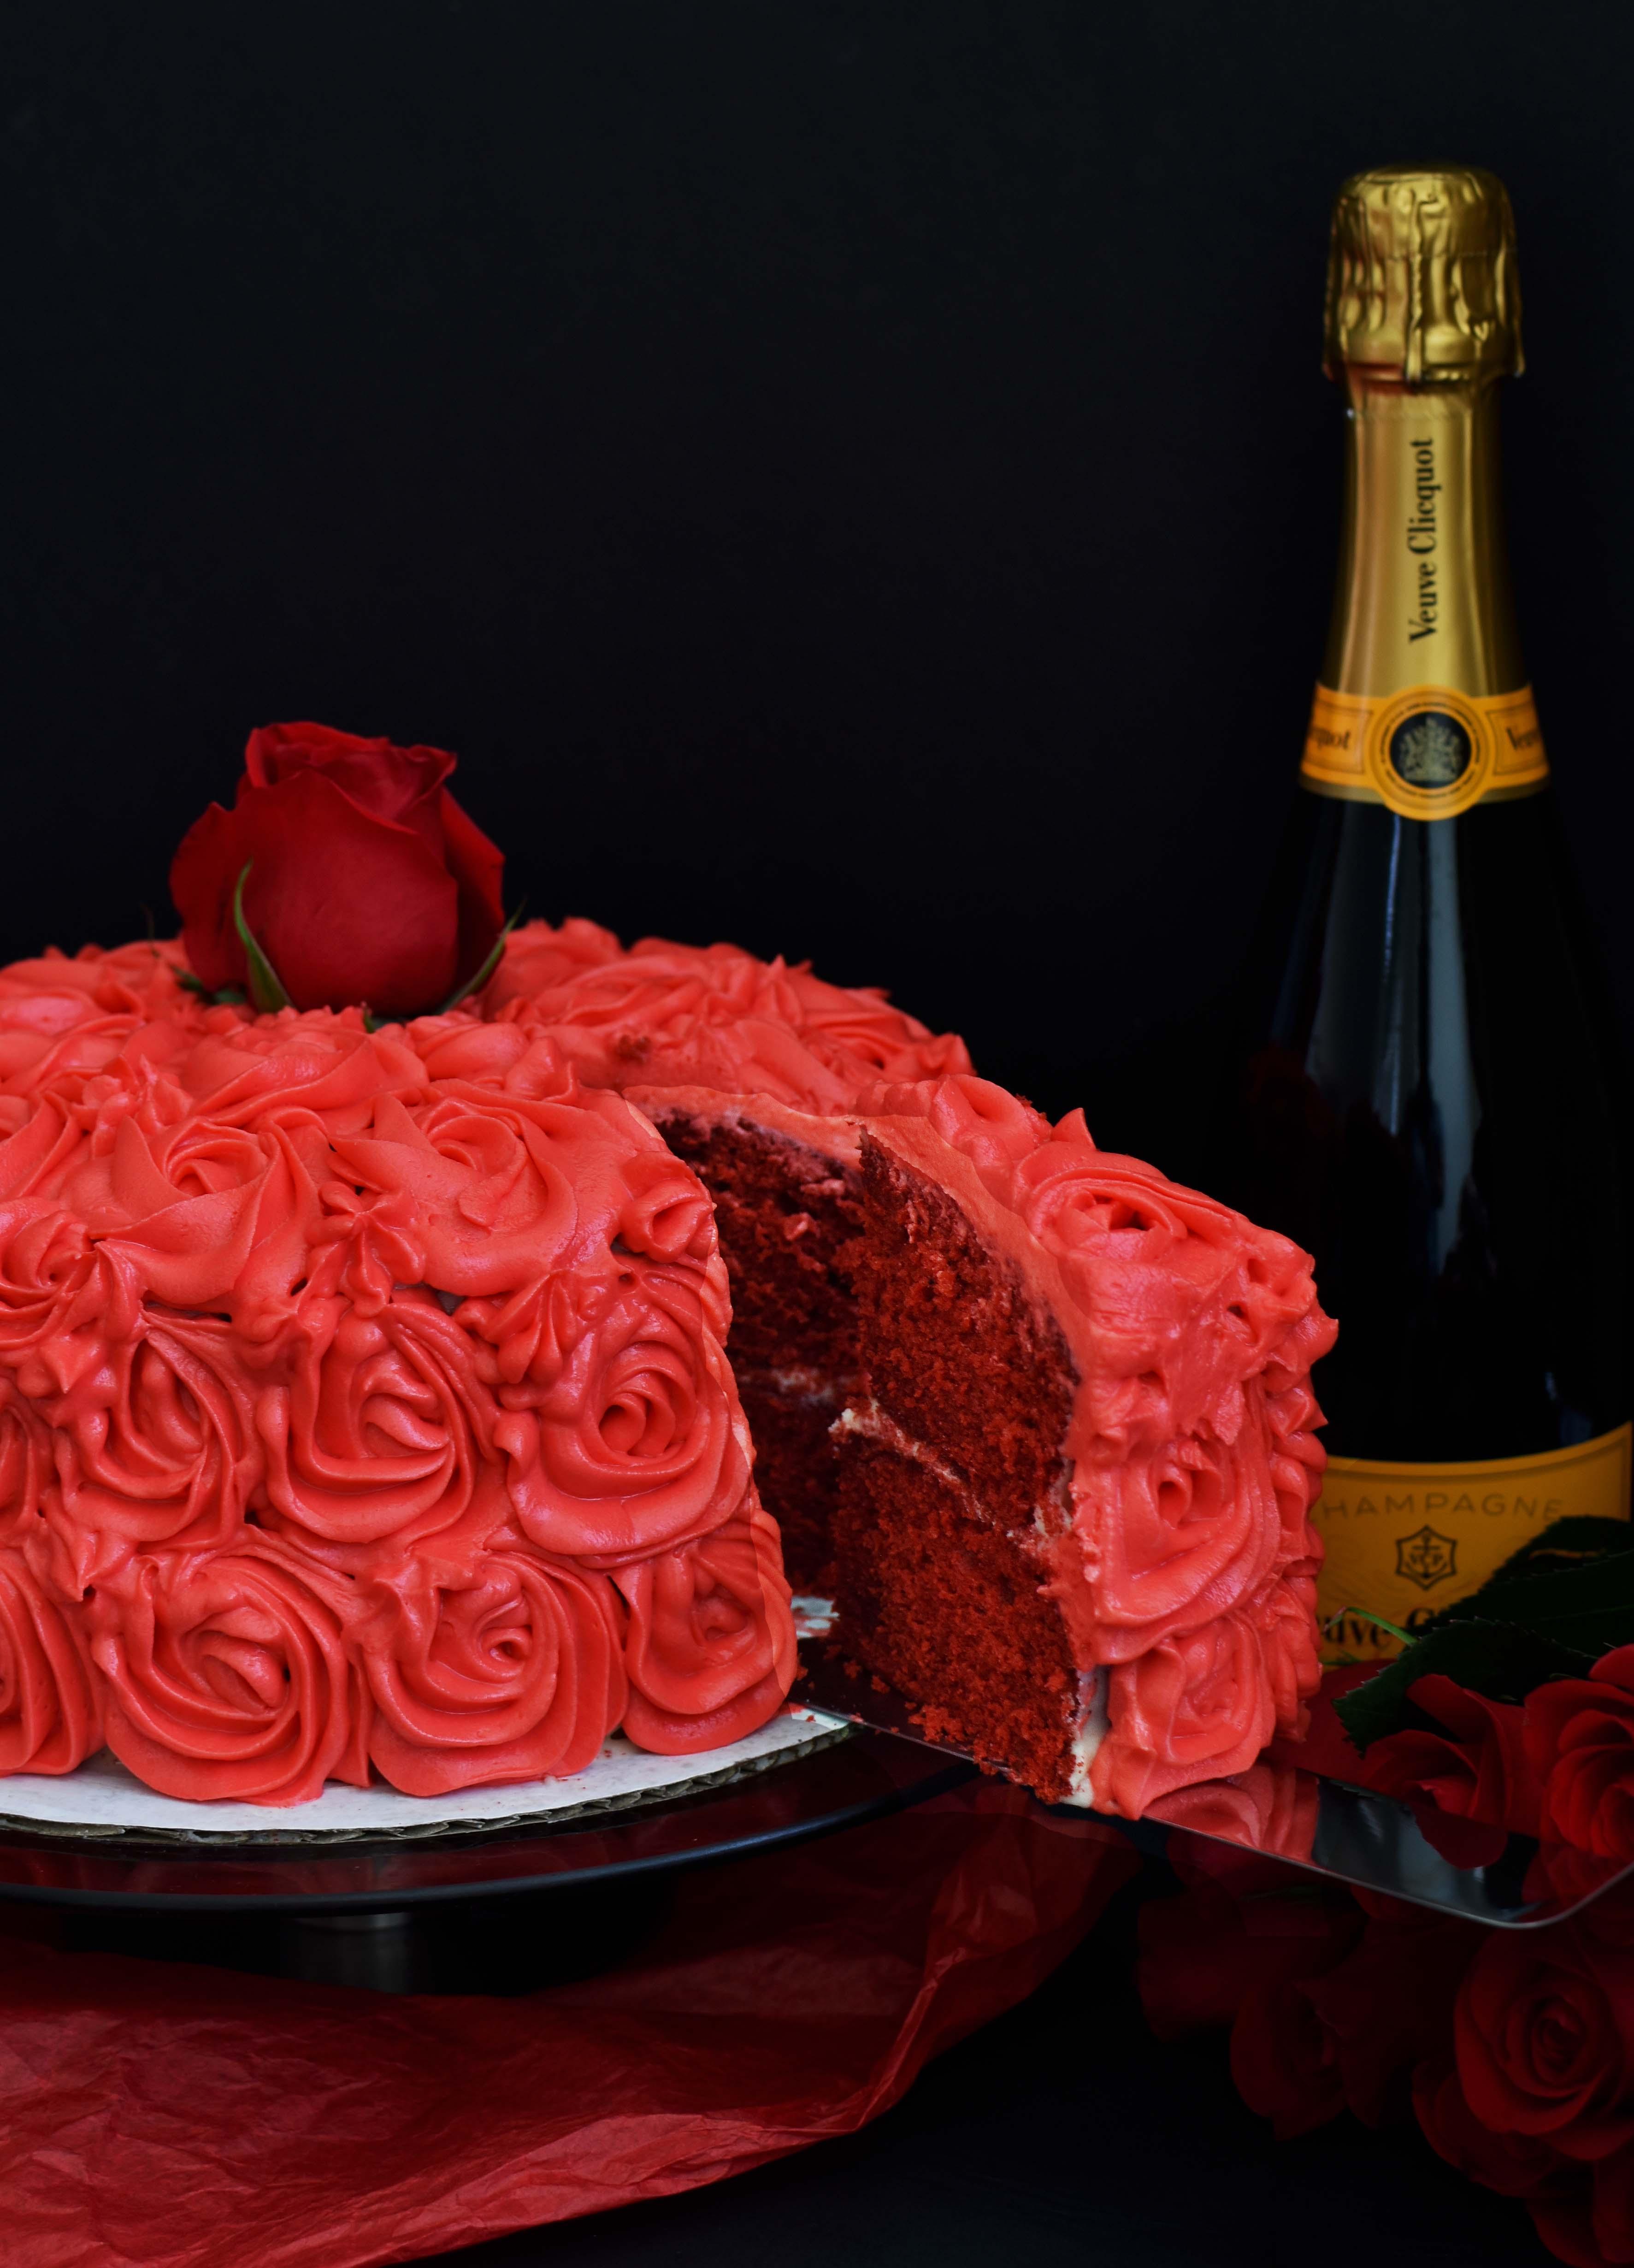 Red Velvet Cake with Cream Cheese Rosettes - Pepper Delight #pepperdelightblog #recipe #redvelvet #redvelvetcake #creamcheese #rosette #cake #rosecake